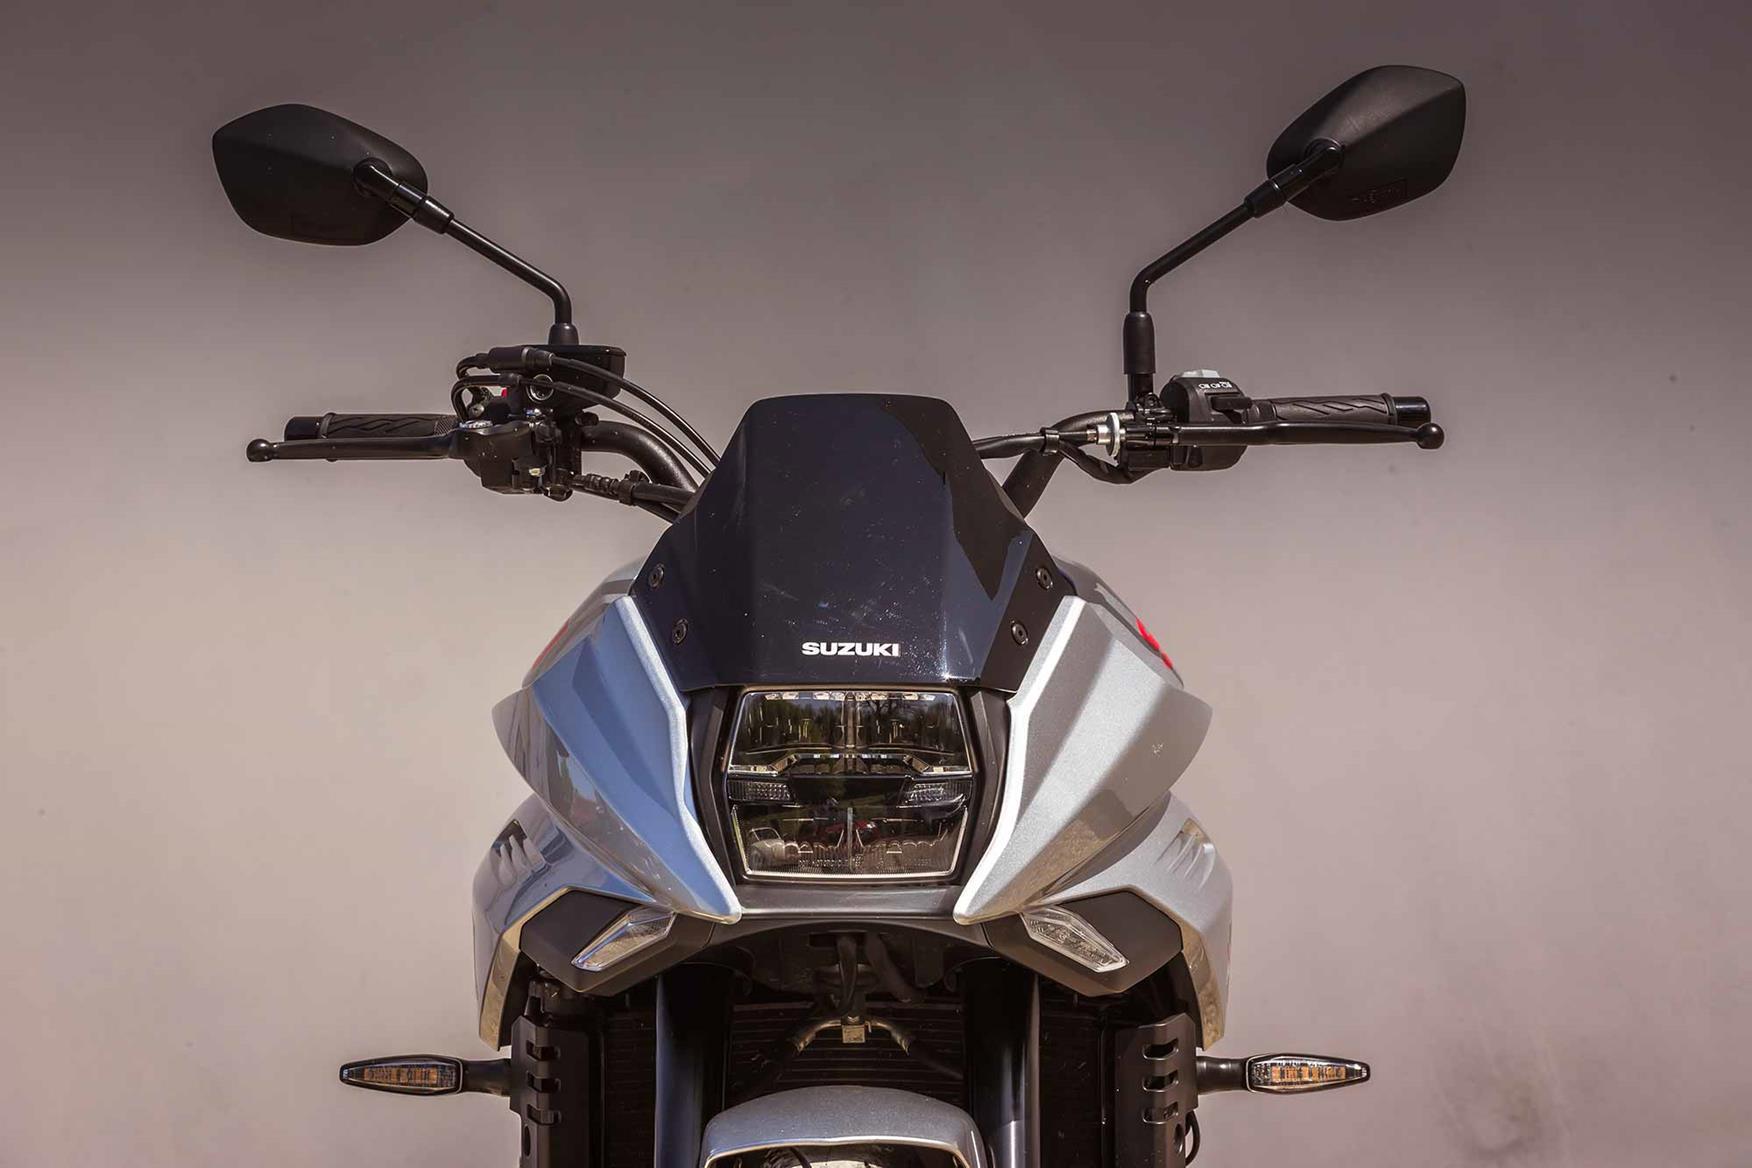 The Suzuki Katana front end